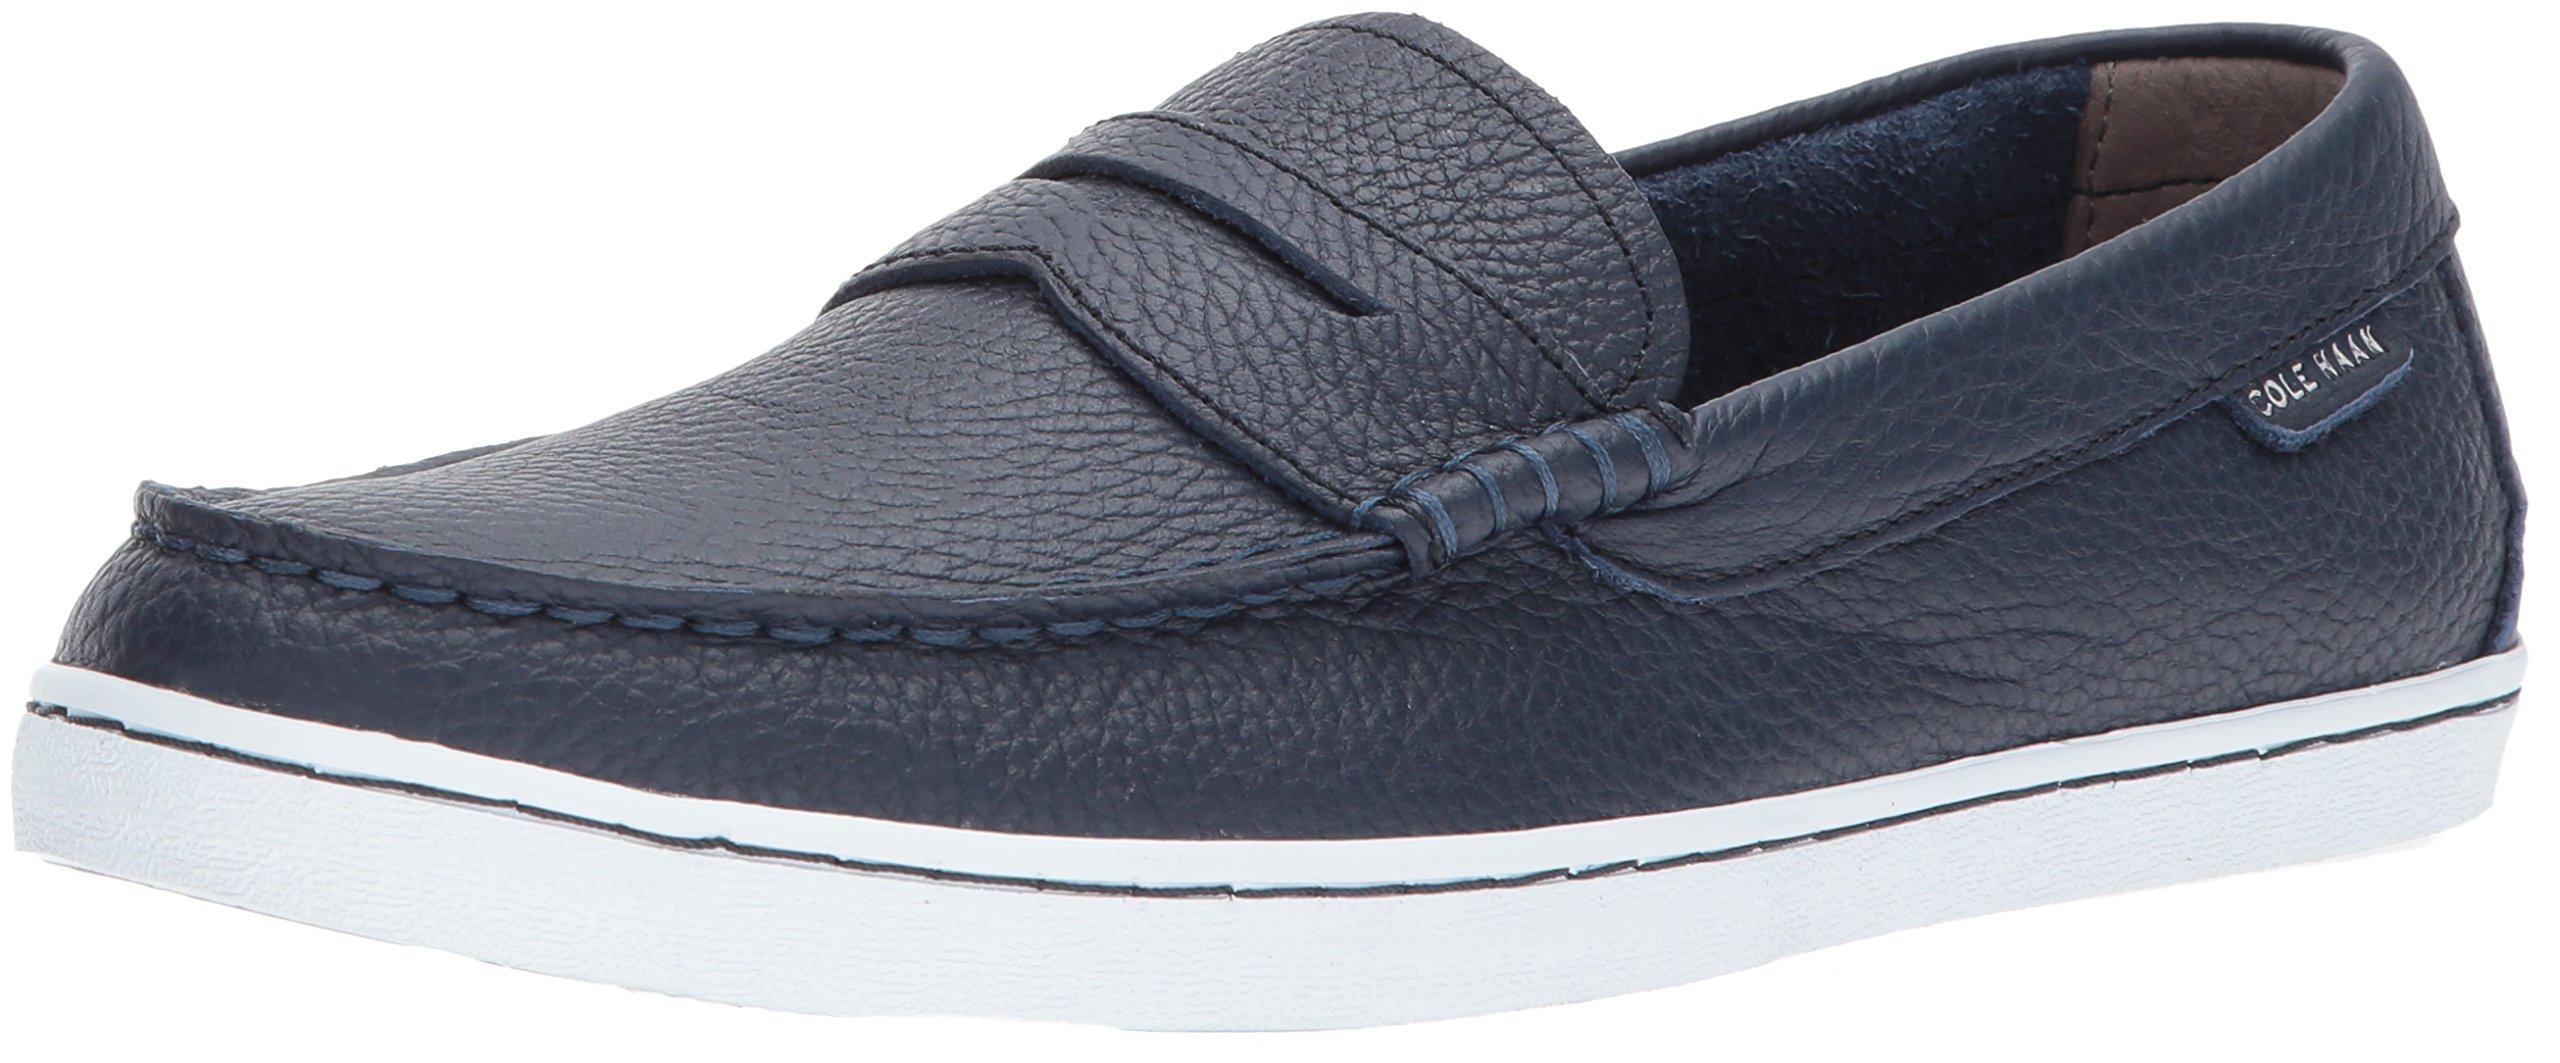 Cole Haan Men's Nantucket II Loafer, Peacoat Leather, 10.5 Medium US